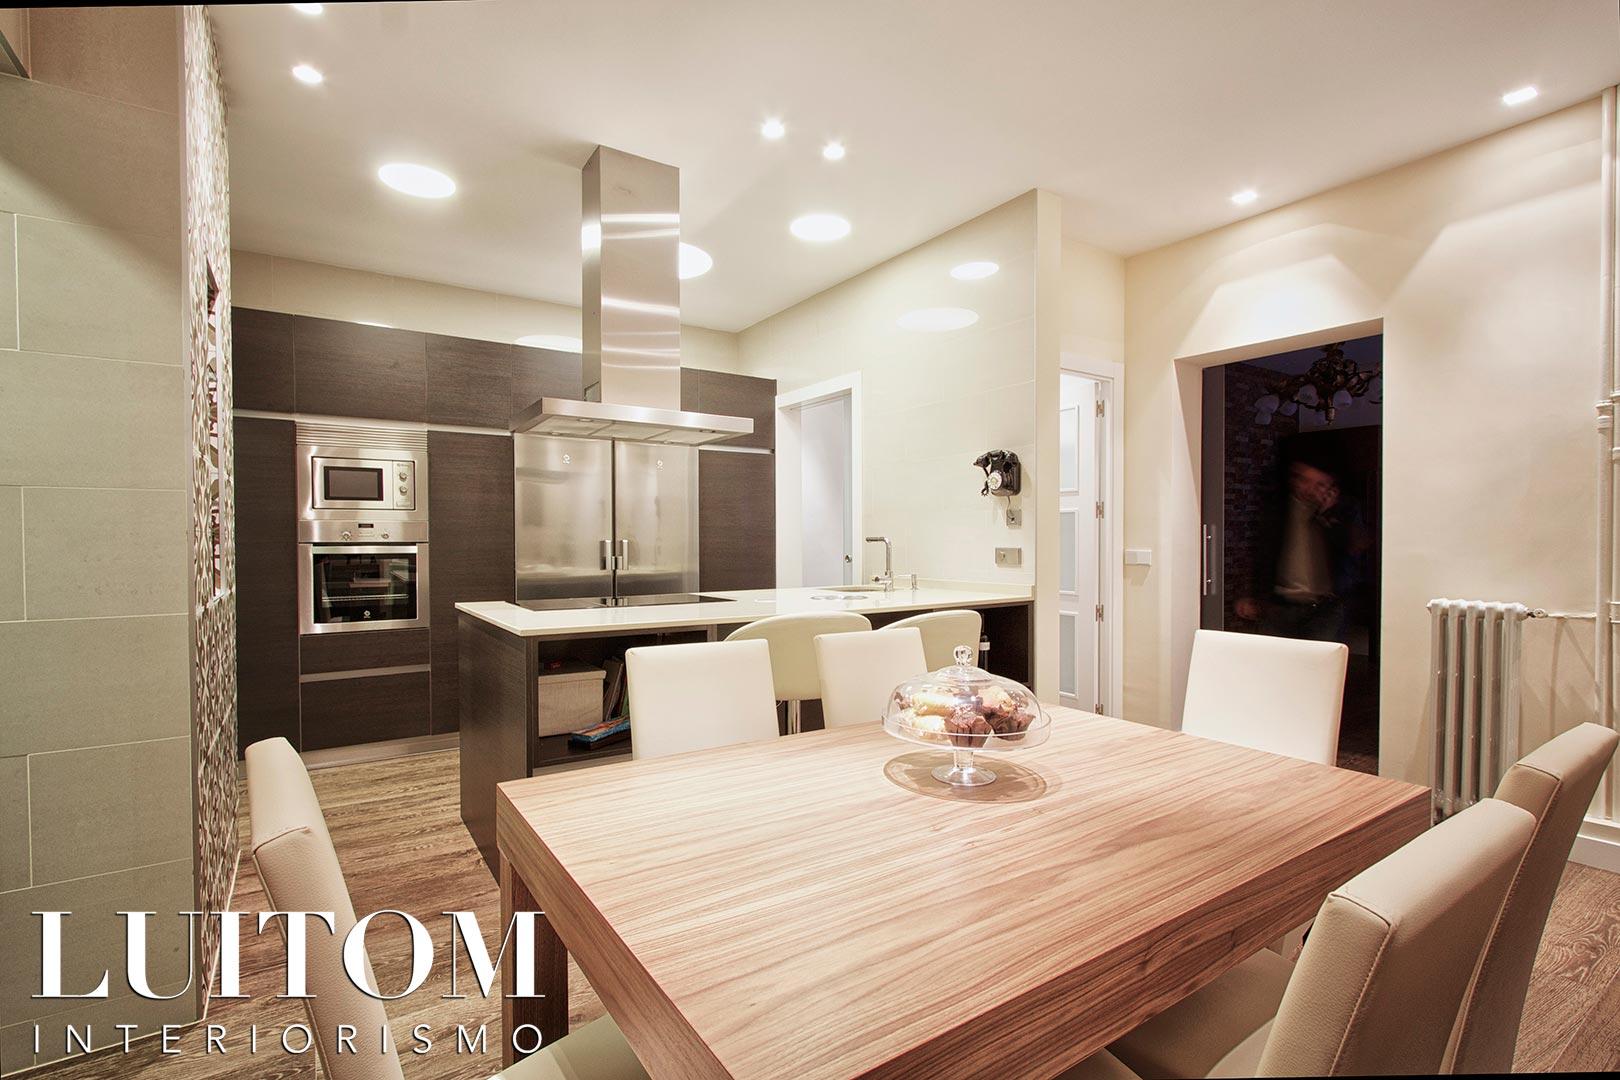 muebles-de-cocina-estratificado-imitacion-madera-ideas-cocinas-con-isla